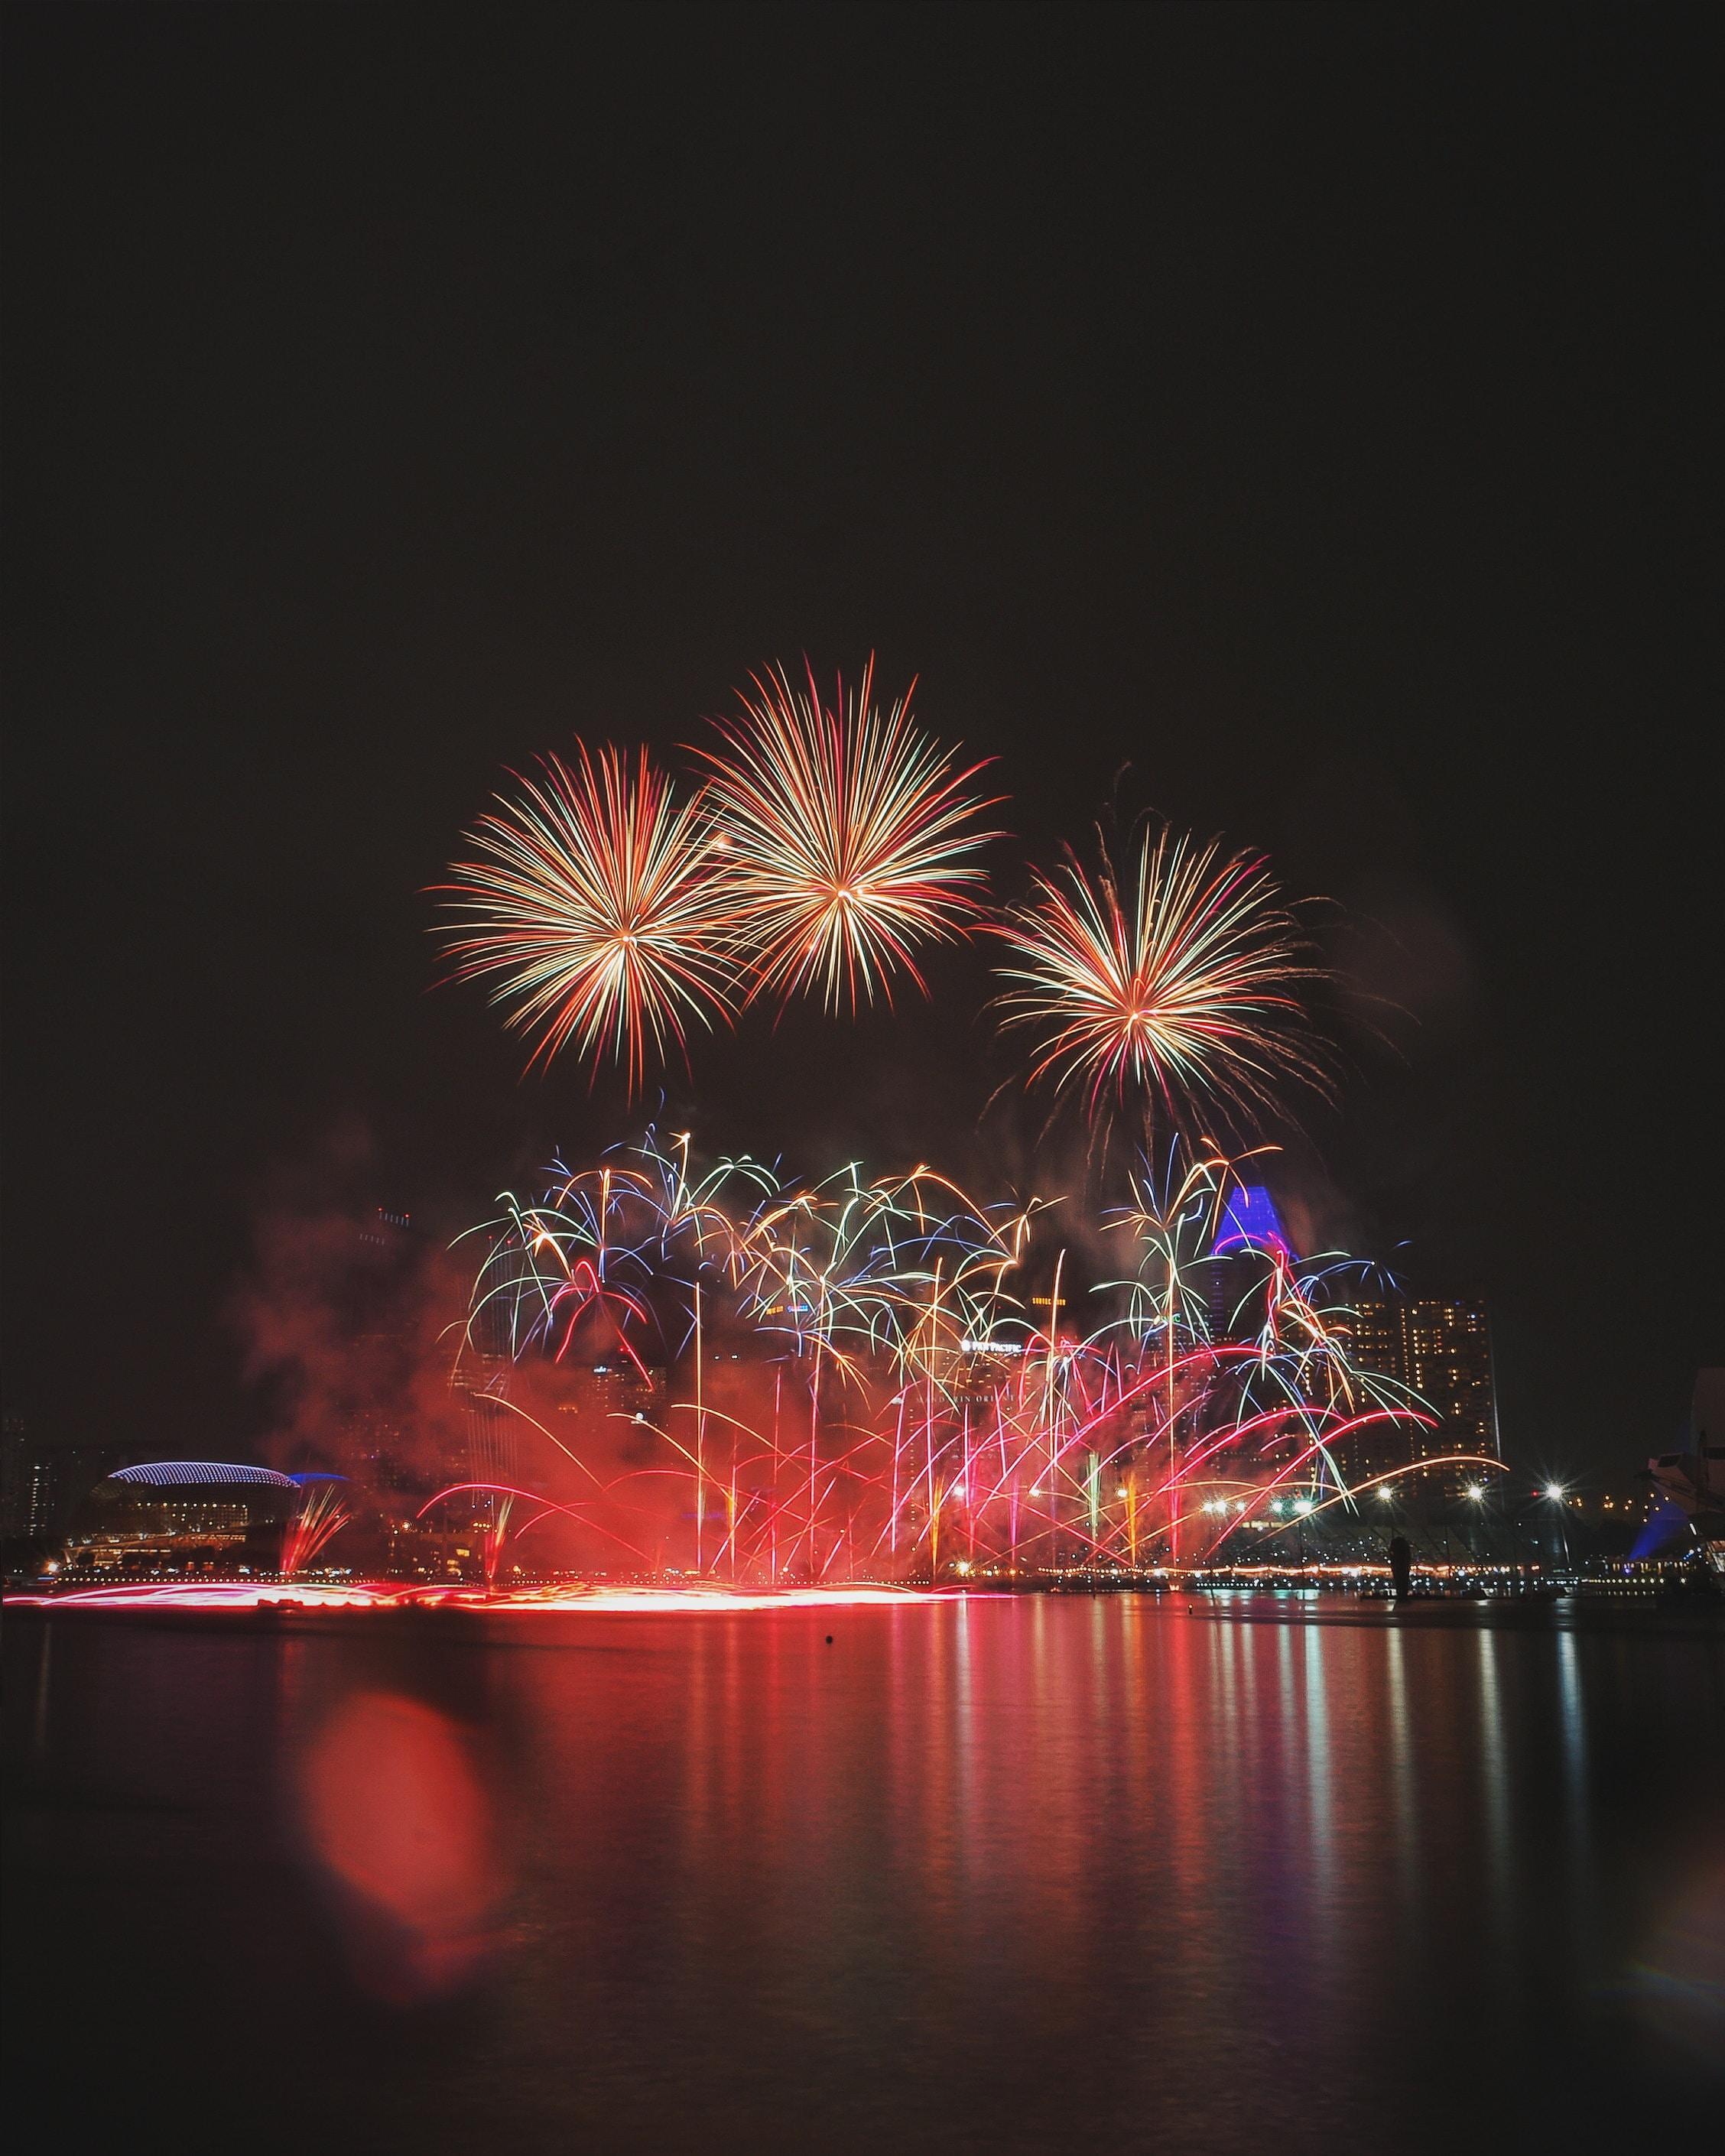 firework display during night time